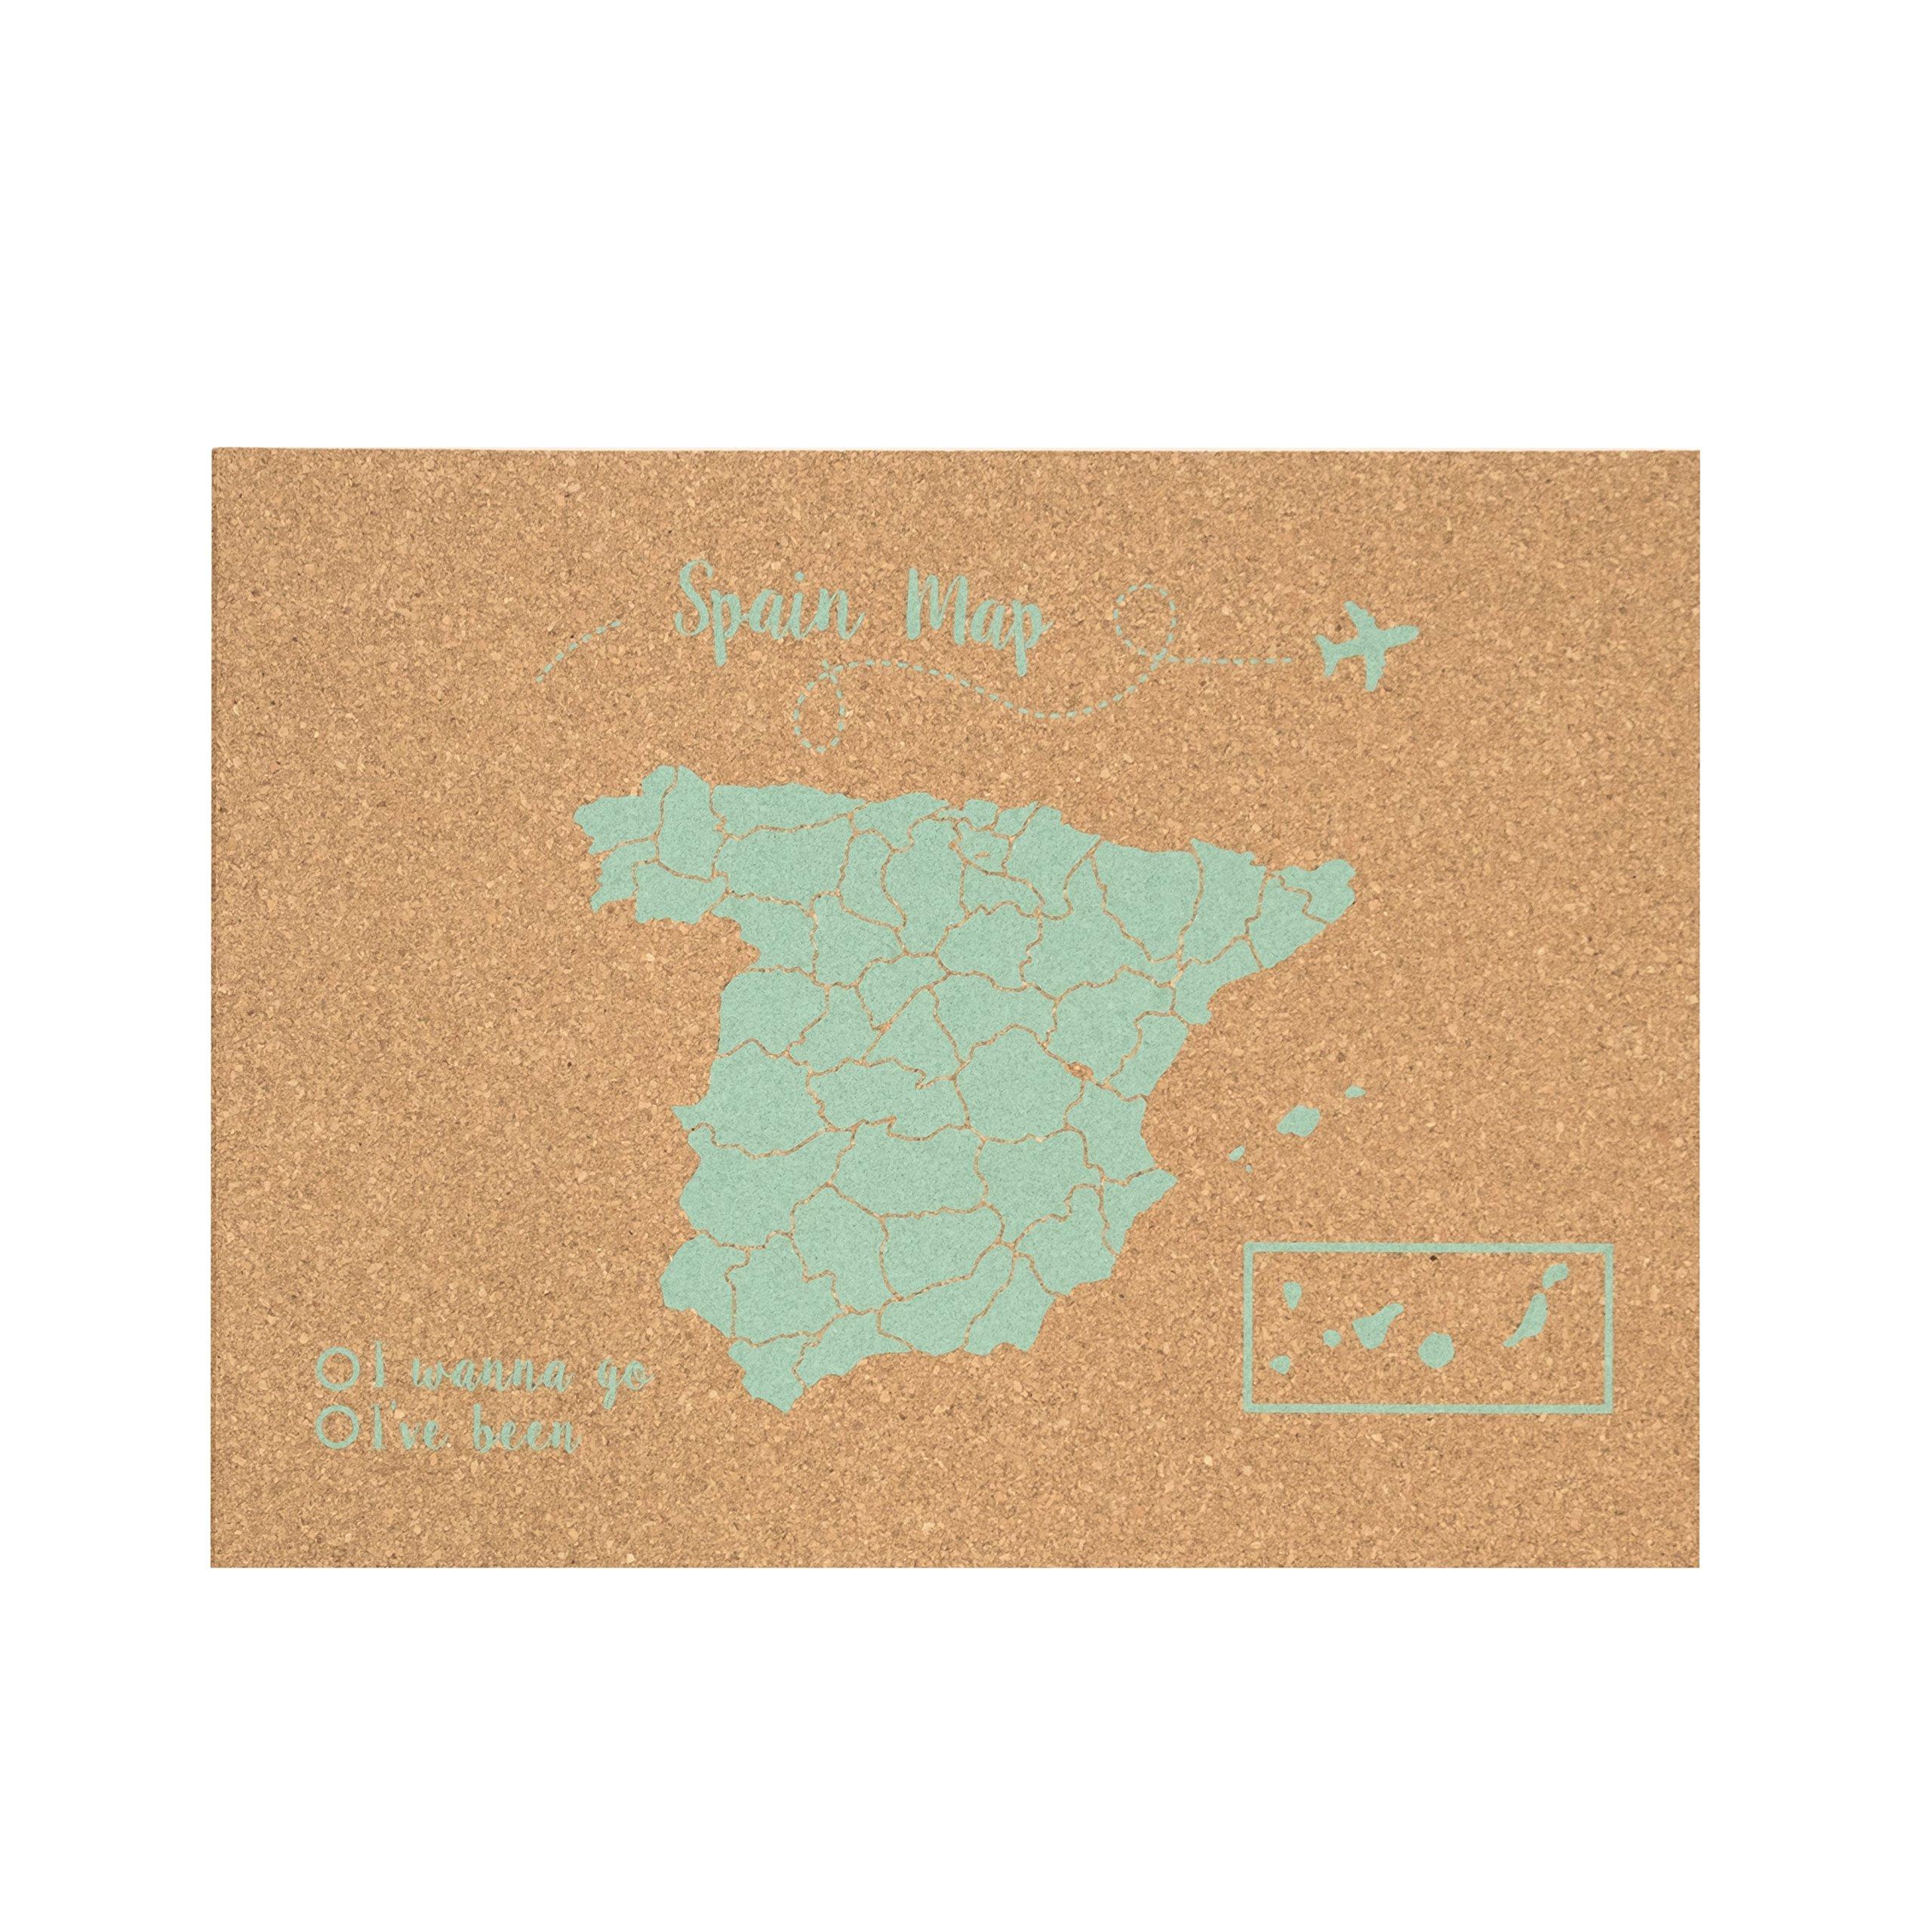 Decowood - Mapa de Corcho España, Grande, para Marcar Tus Viajes y Colgar en la Pared, Verde Aqua - 90x60cm: Amazon.es: Hogar